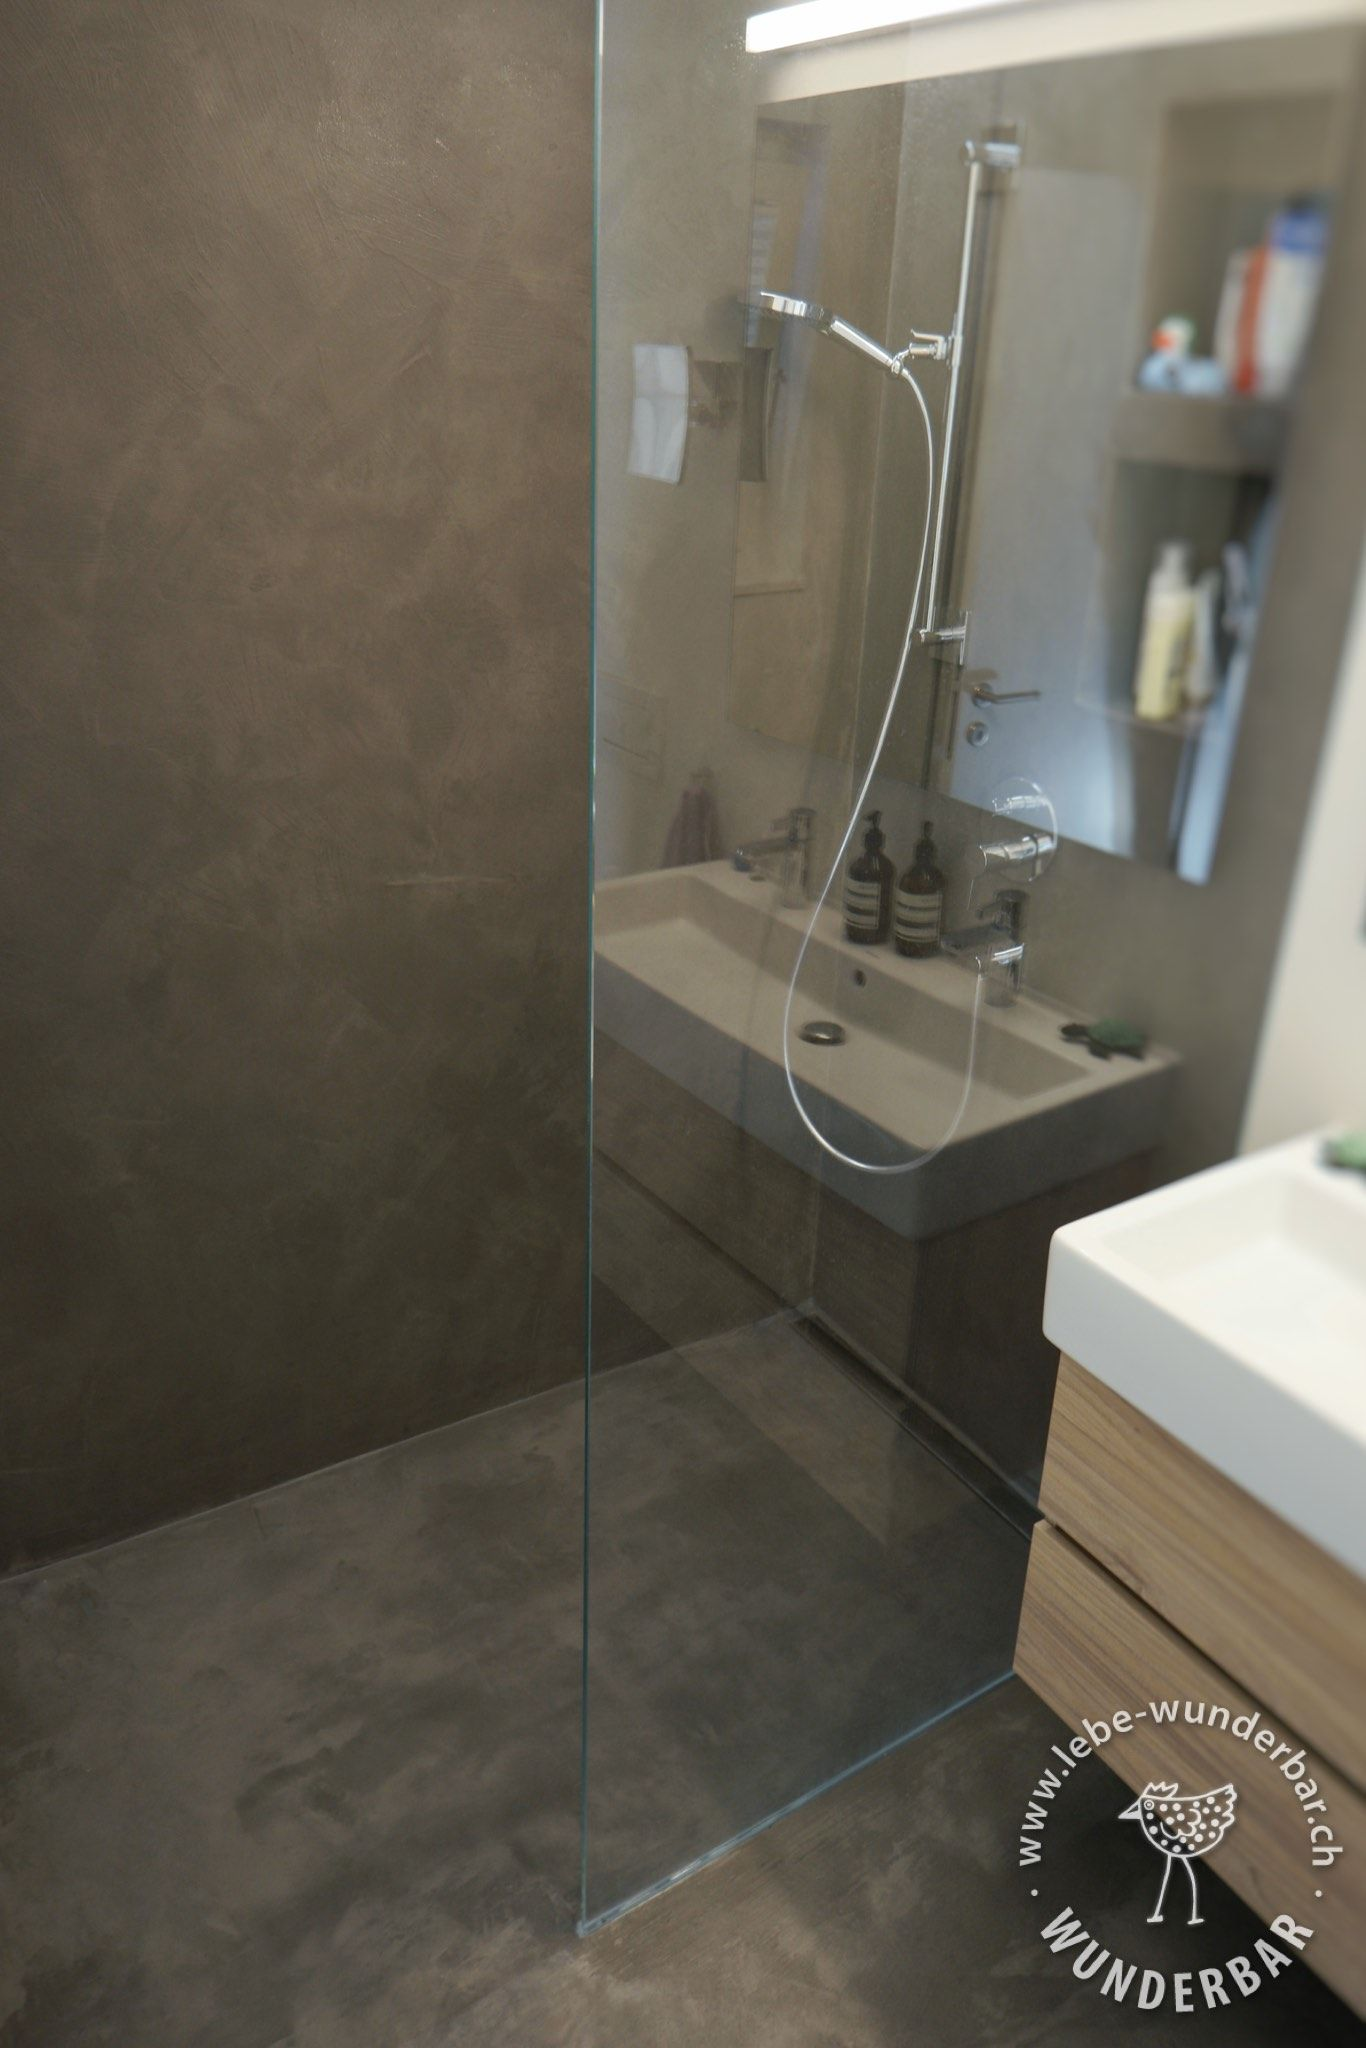 Bodengleiche Dusche Im Beton Look Nassbereich Badezimmer Zurich Lebewunderbar Badezimmer Aufbewahrung Badezimmerboden Badezimmer